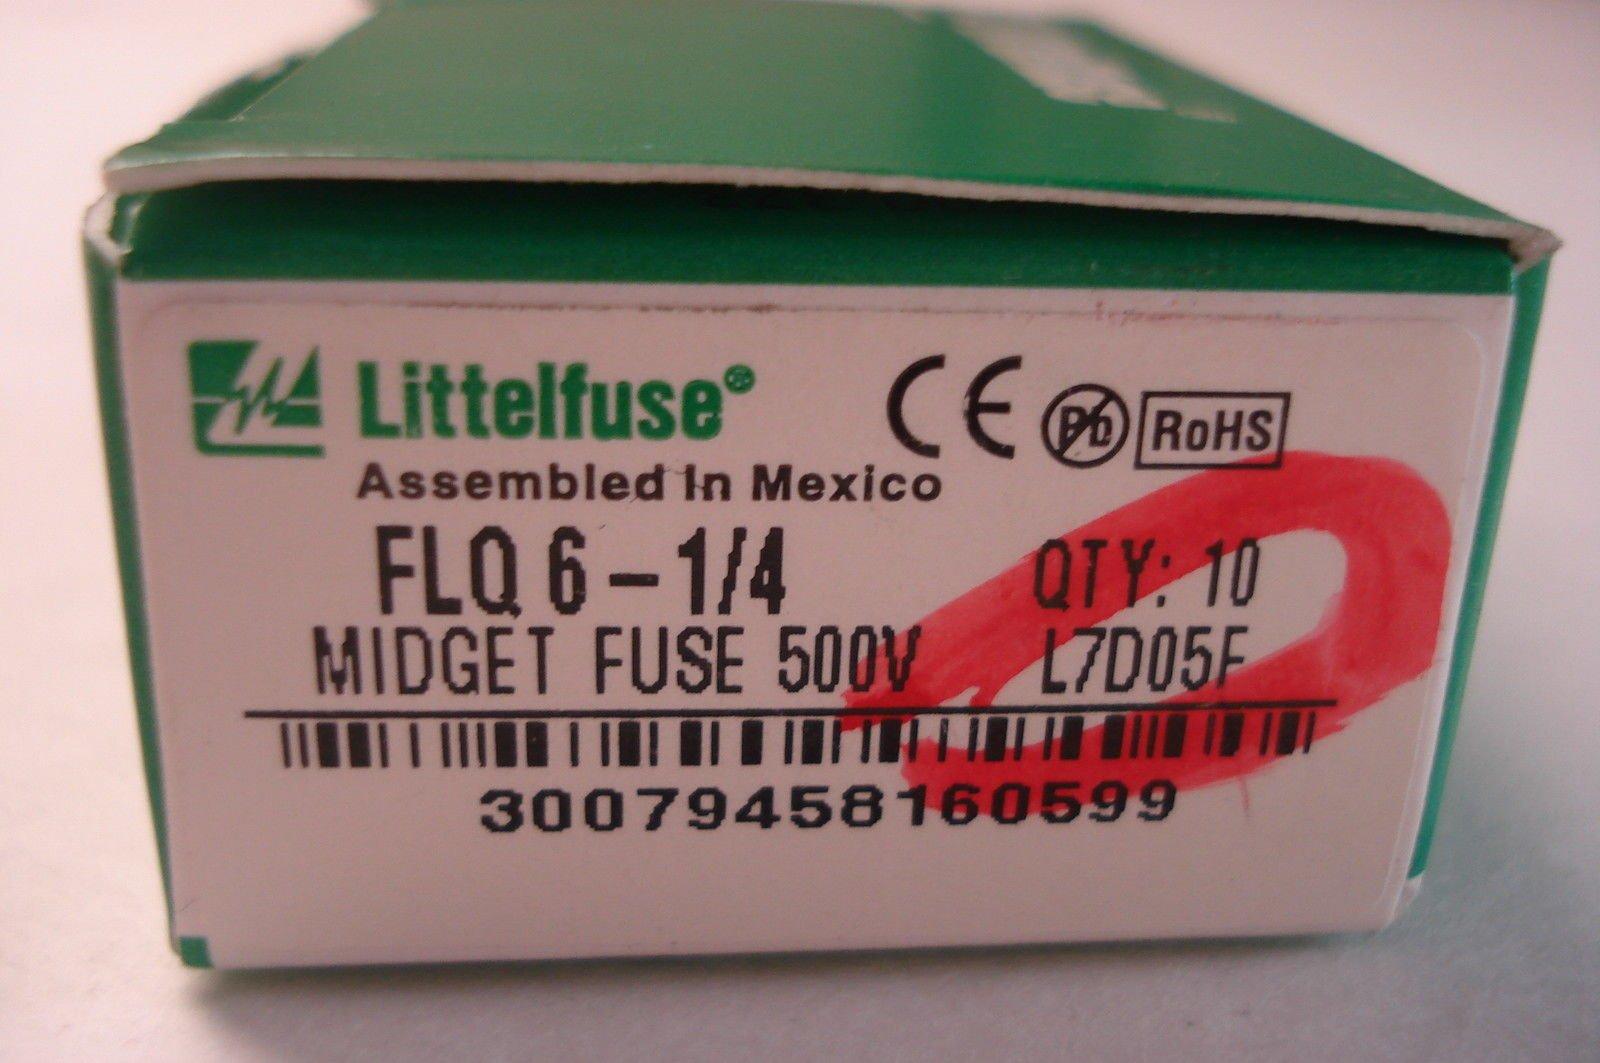 NEW LITTELFUSE FLQ 6-1/4 FUSES FLQ61/4 QTY: 10